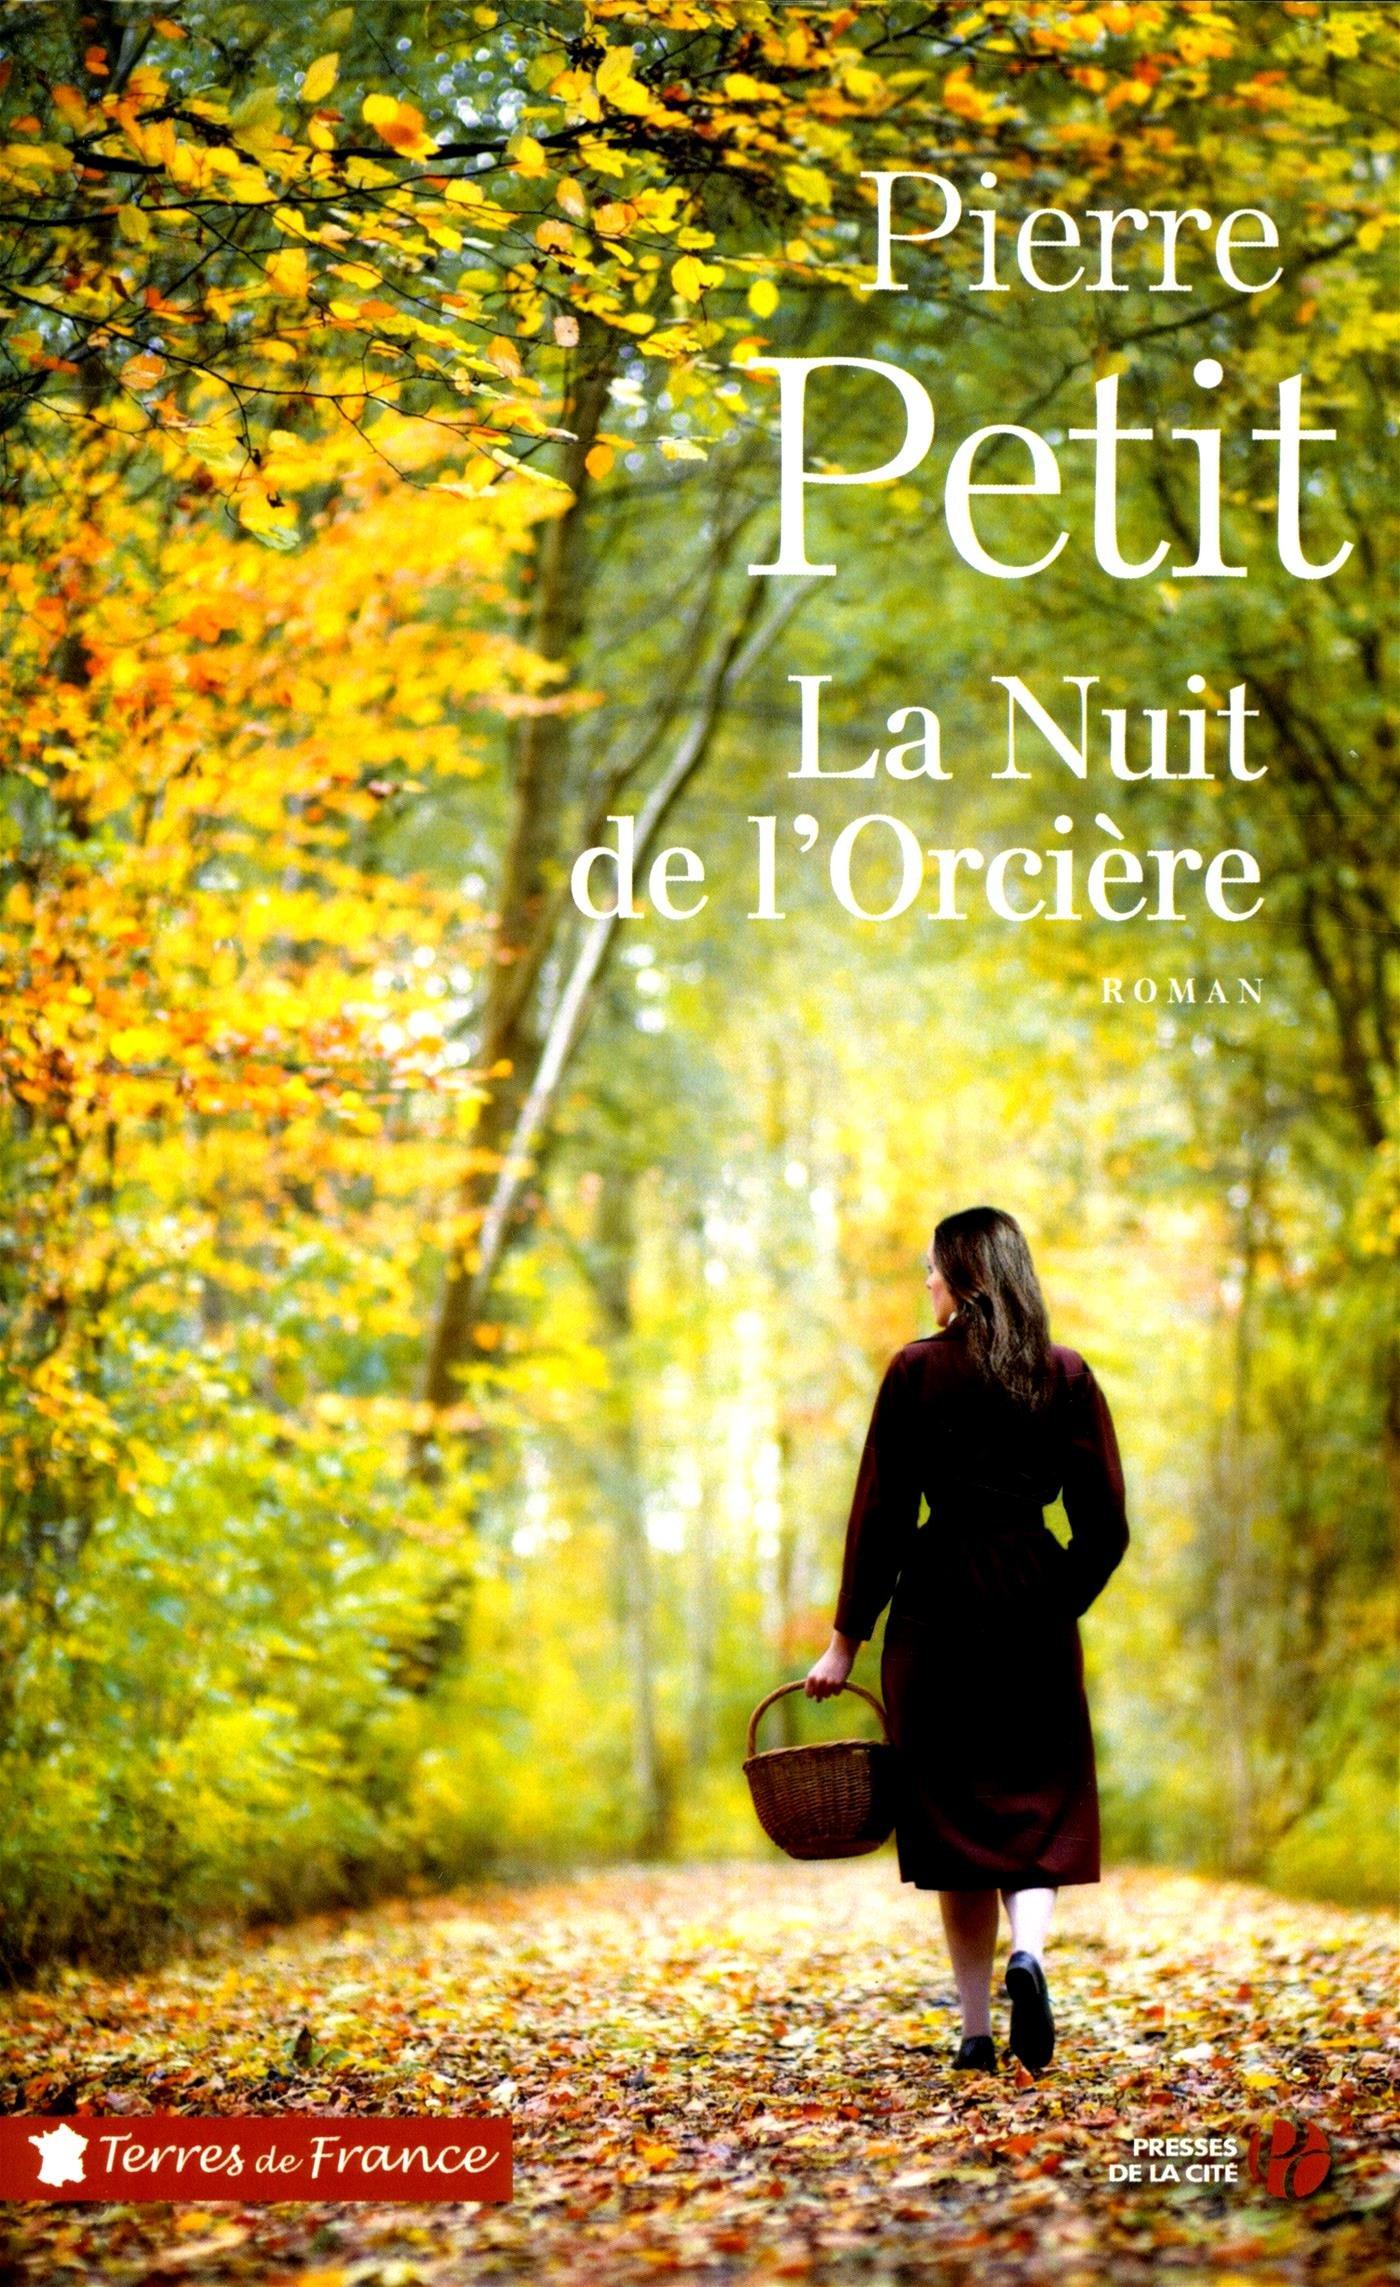 La Nuit de l'Orcière Broché – 22 février 2018 Pierre PETIT La Nuit de l' Orcière Presses de la Cité 2258144949